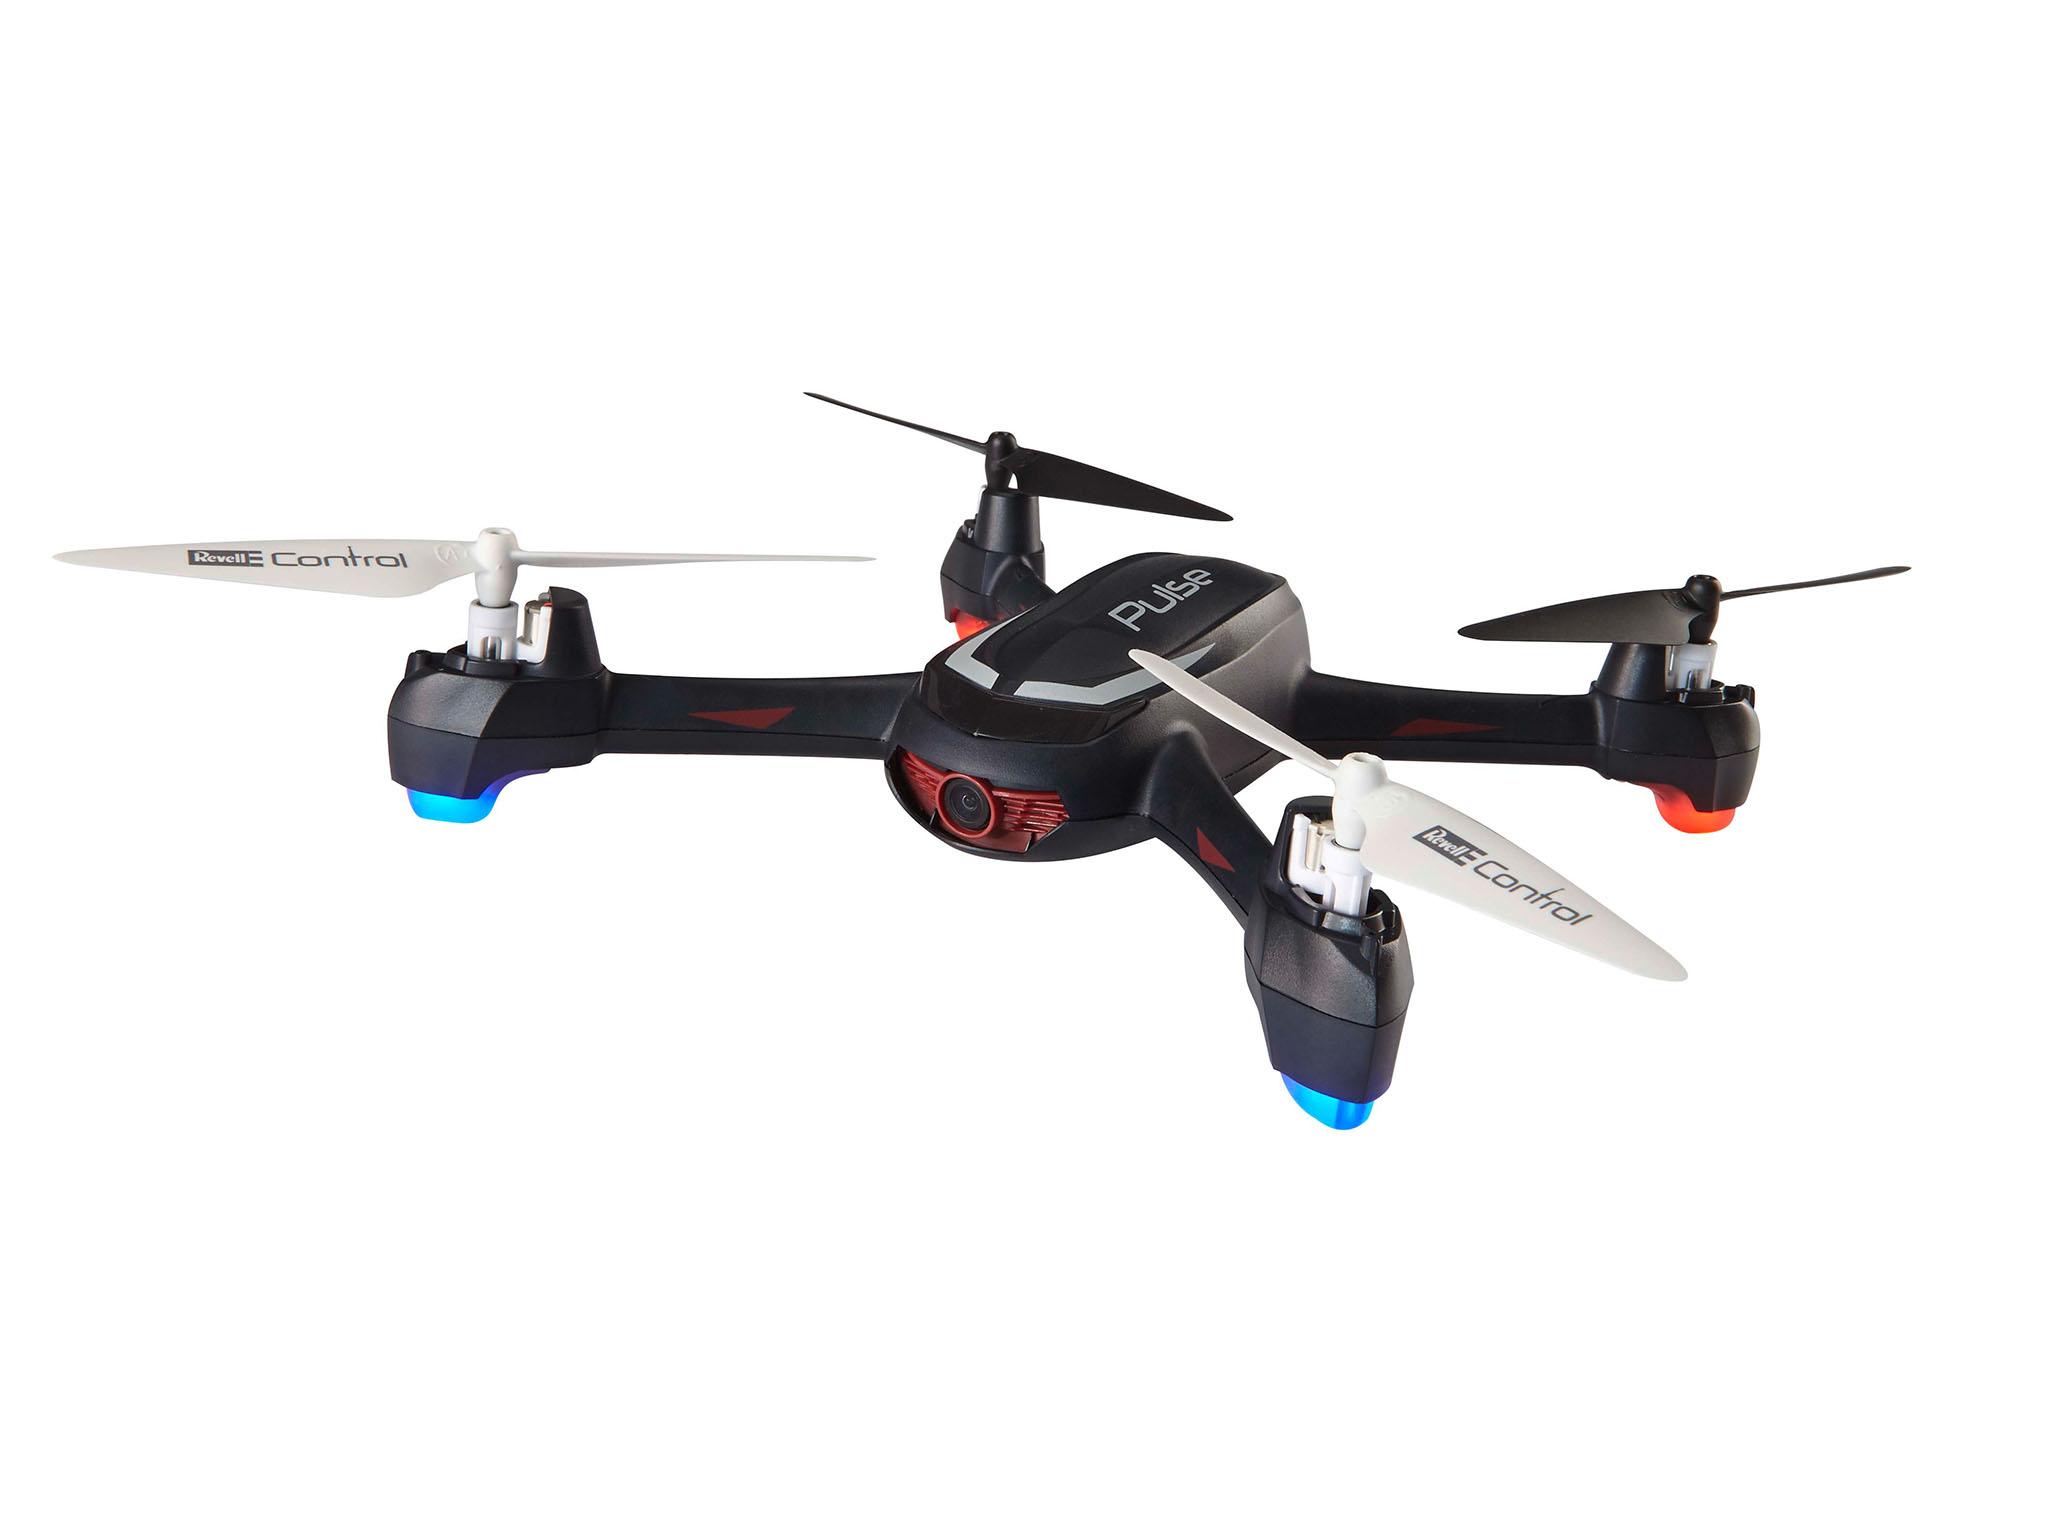 revell shop gps quadcopter pulse revell shop. Black Bedroom Furniture Sets. Home Design Ideas